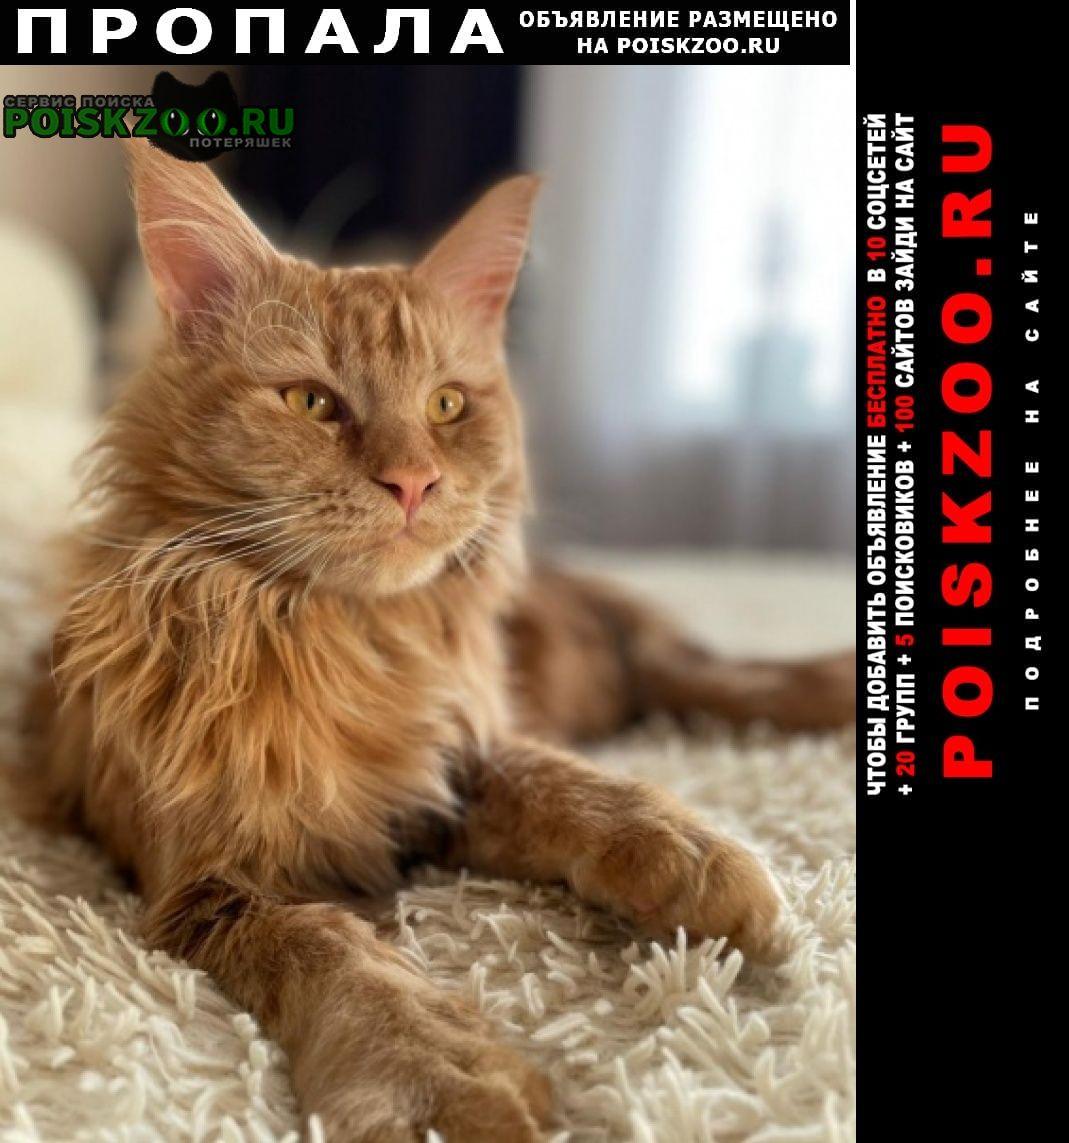 Екатеринбург Пропала кошка порода мейн кун